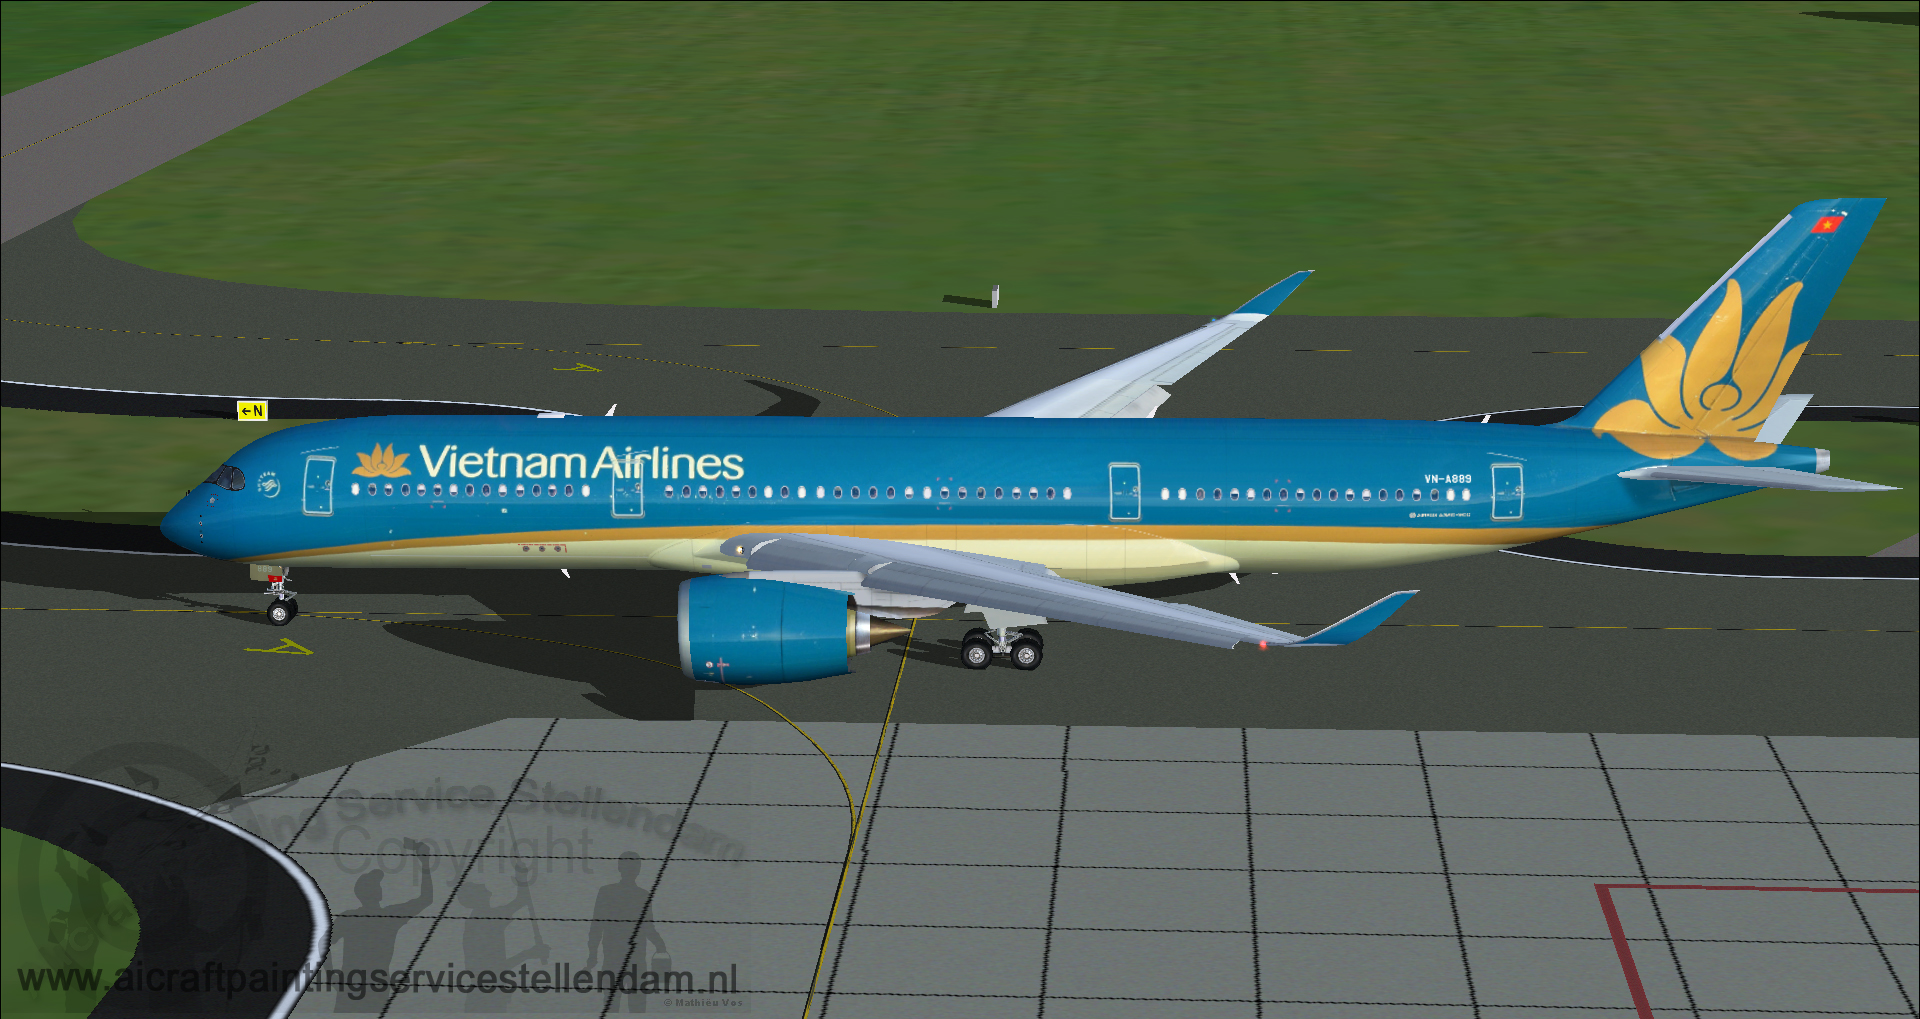 FSP_AirbusA350-941XWB_VietnamAirlines_VN-A889_fs9